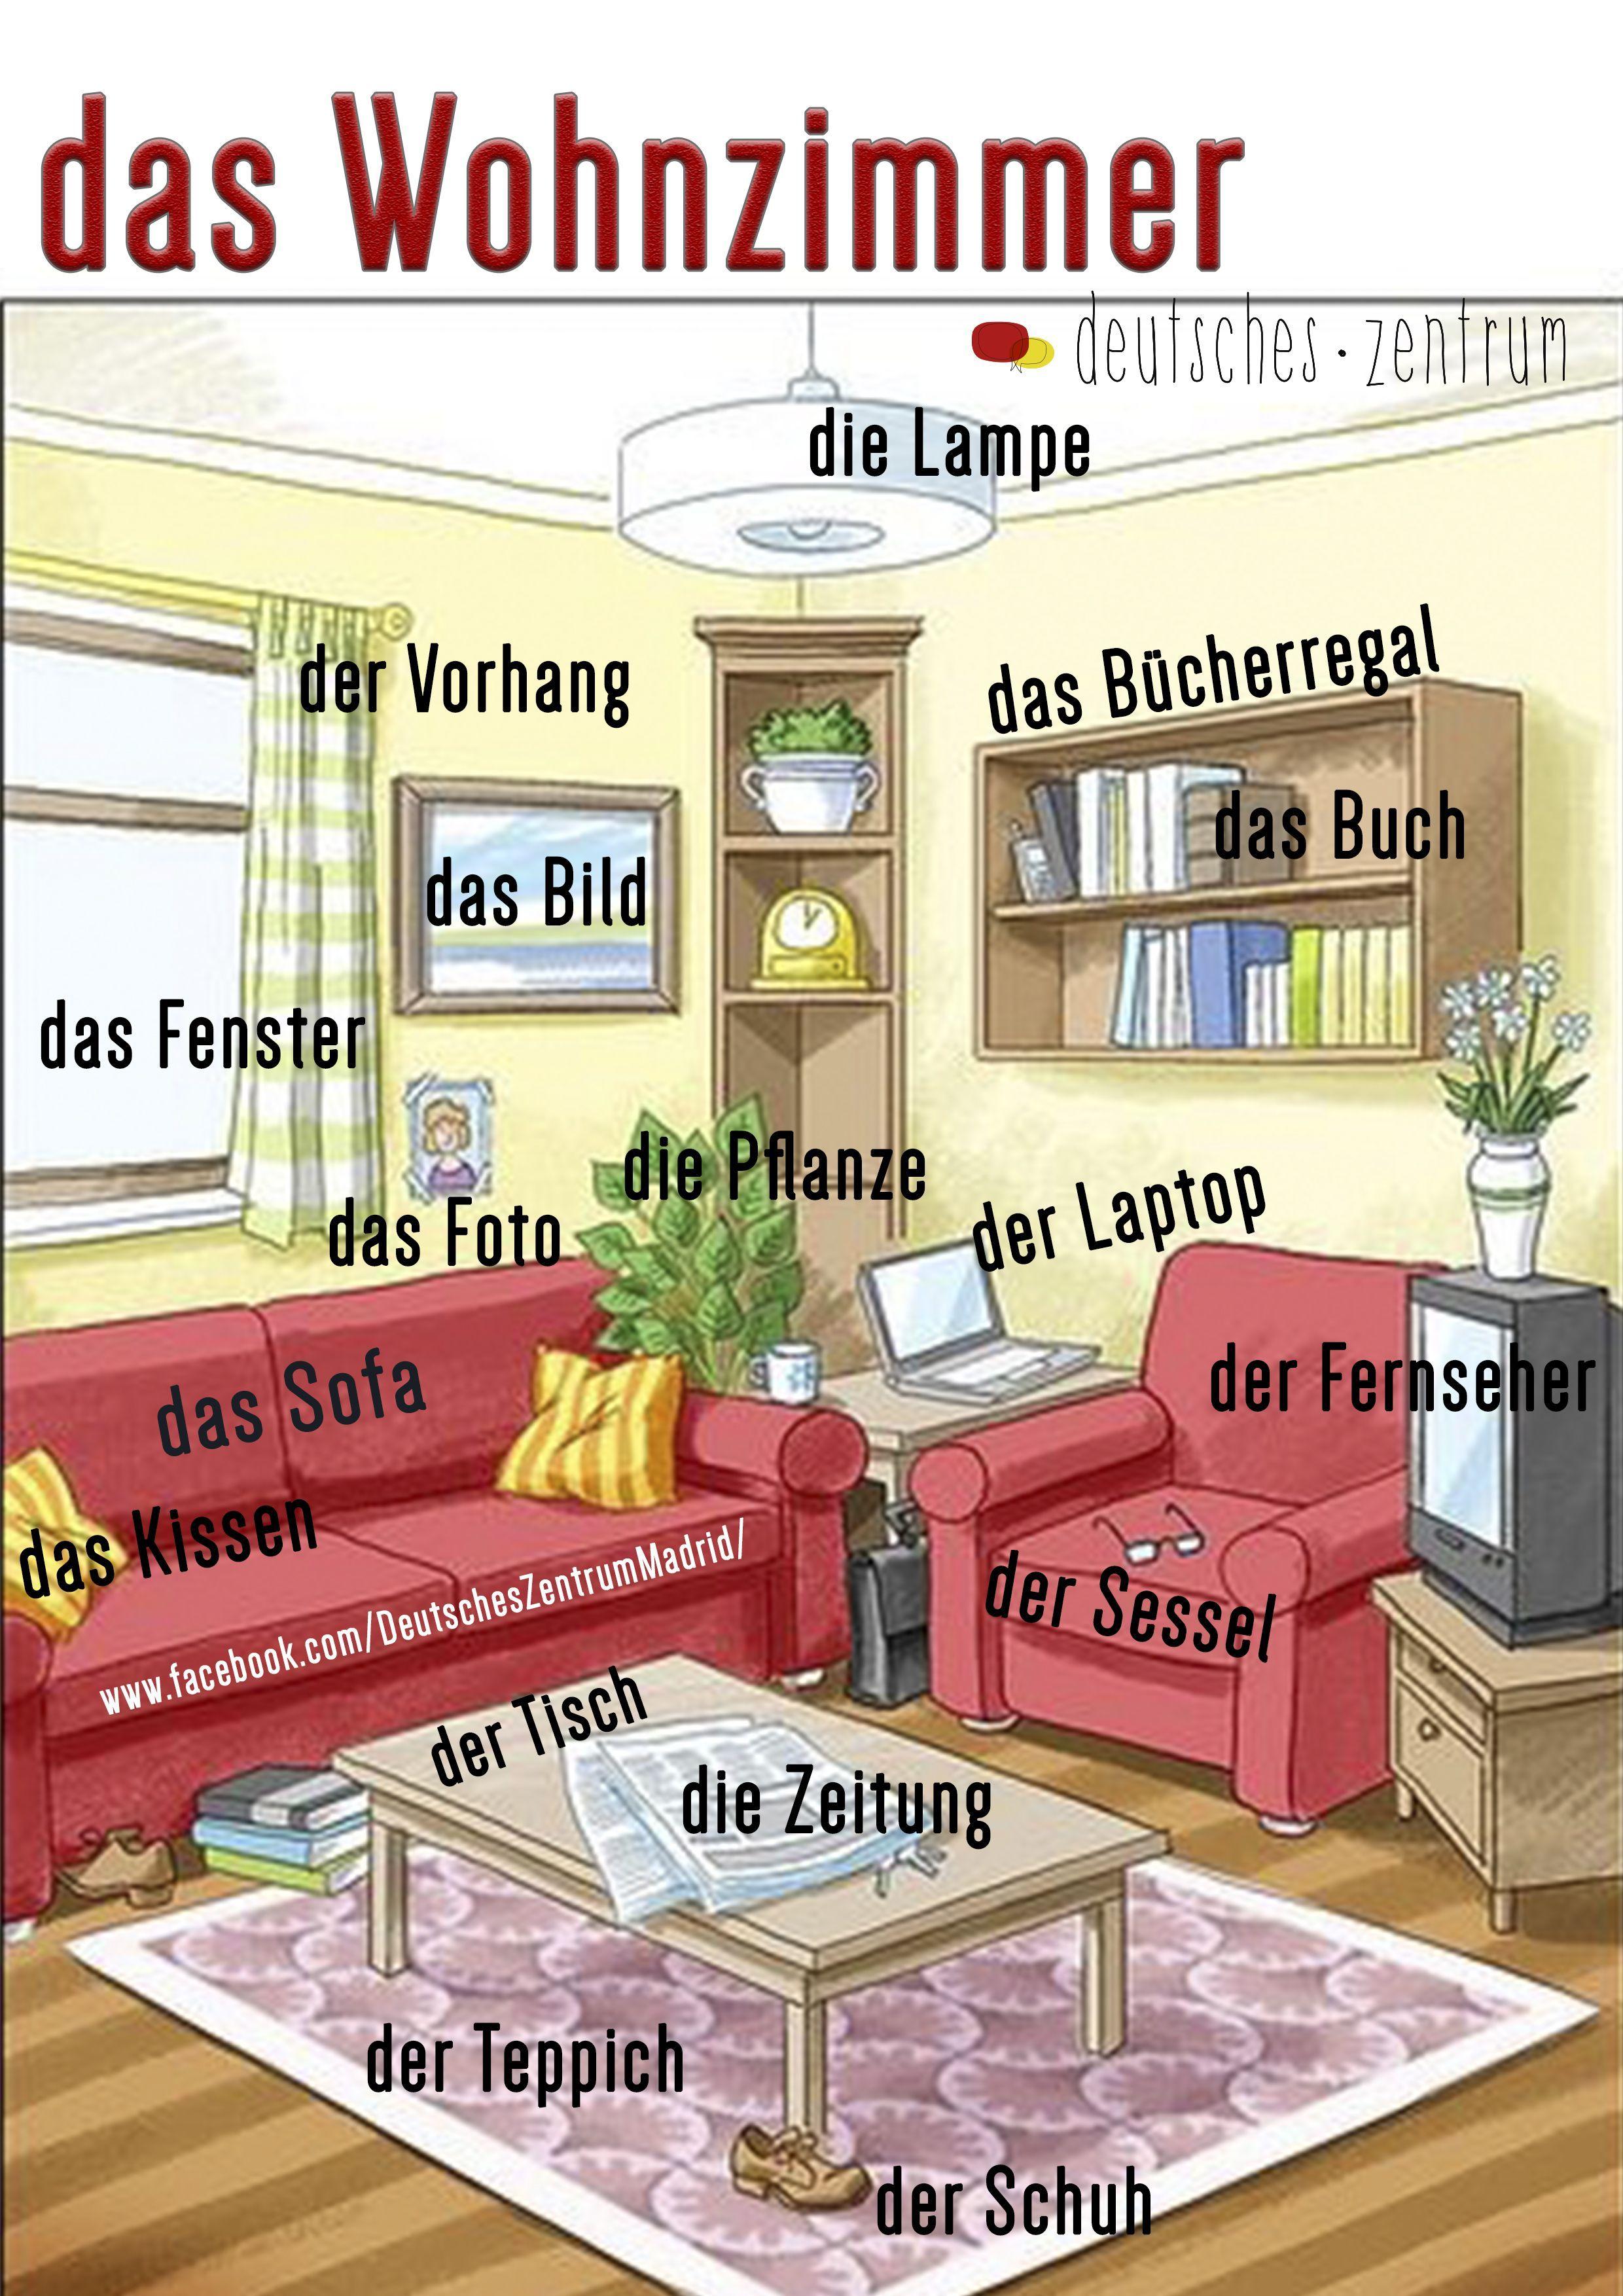 Wohnzimmer Deutsch Wortschatz Grammatik Alemán German DAF